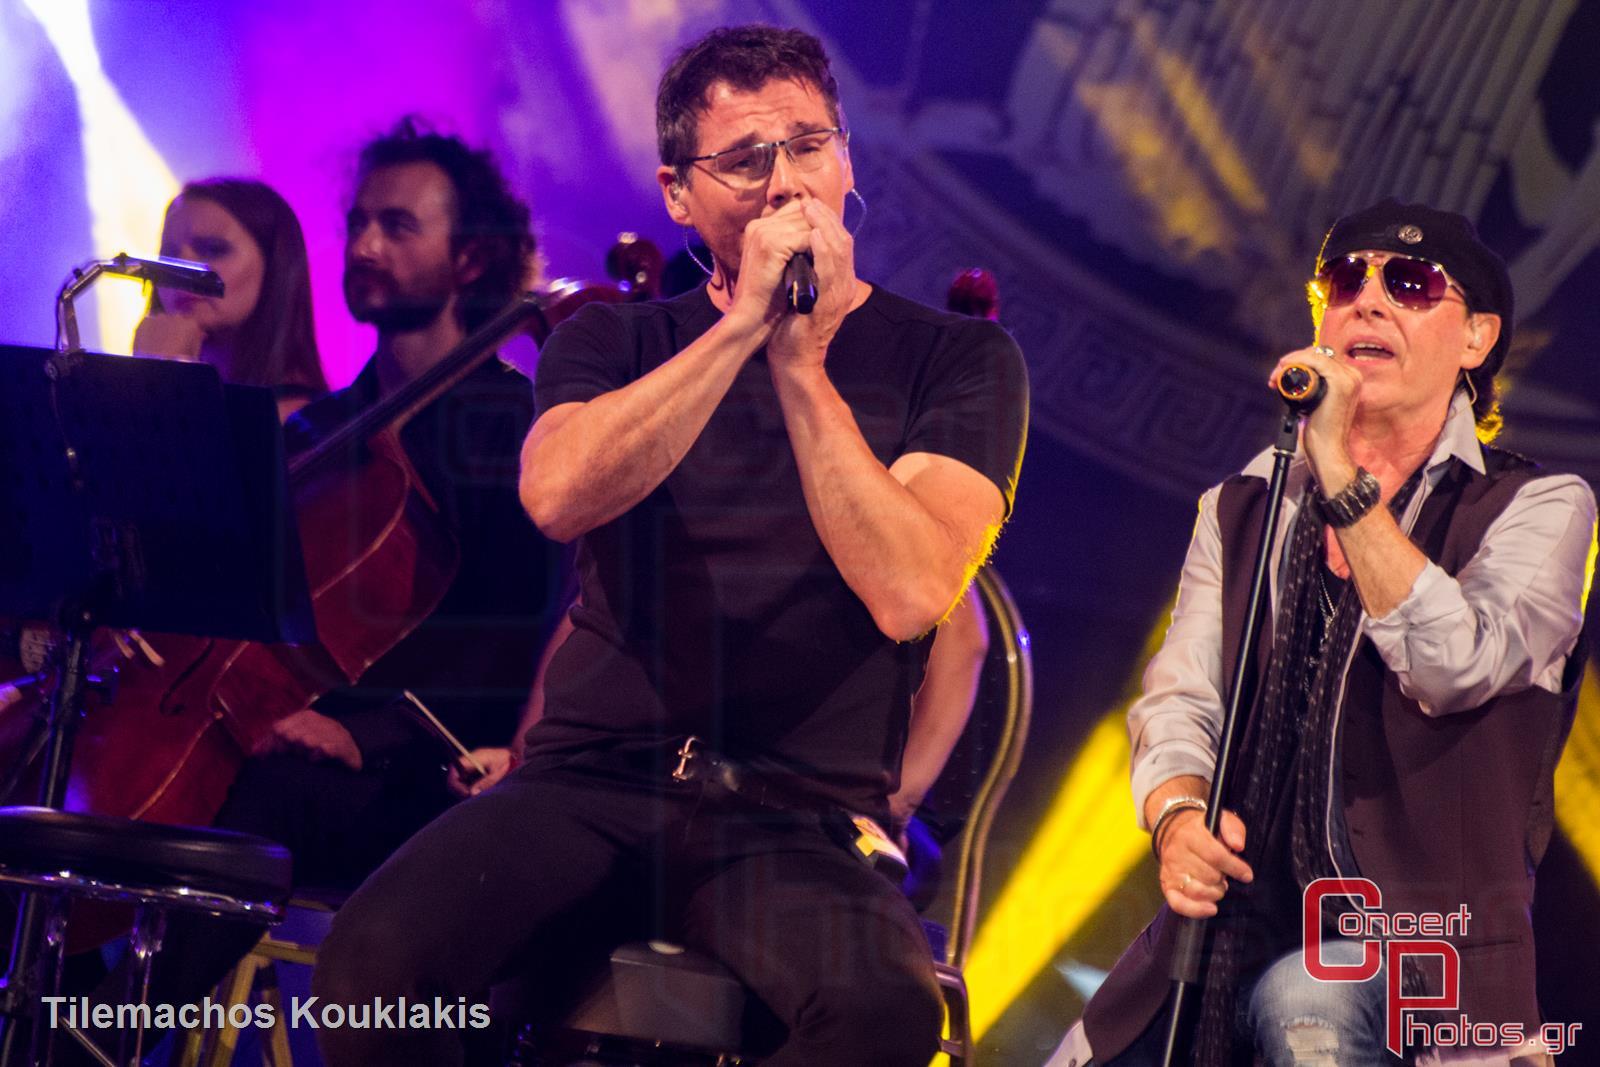 Scorpions-Scorpions photographer: Tilemachos Kouklakis - concertphotos_-7089